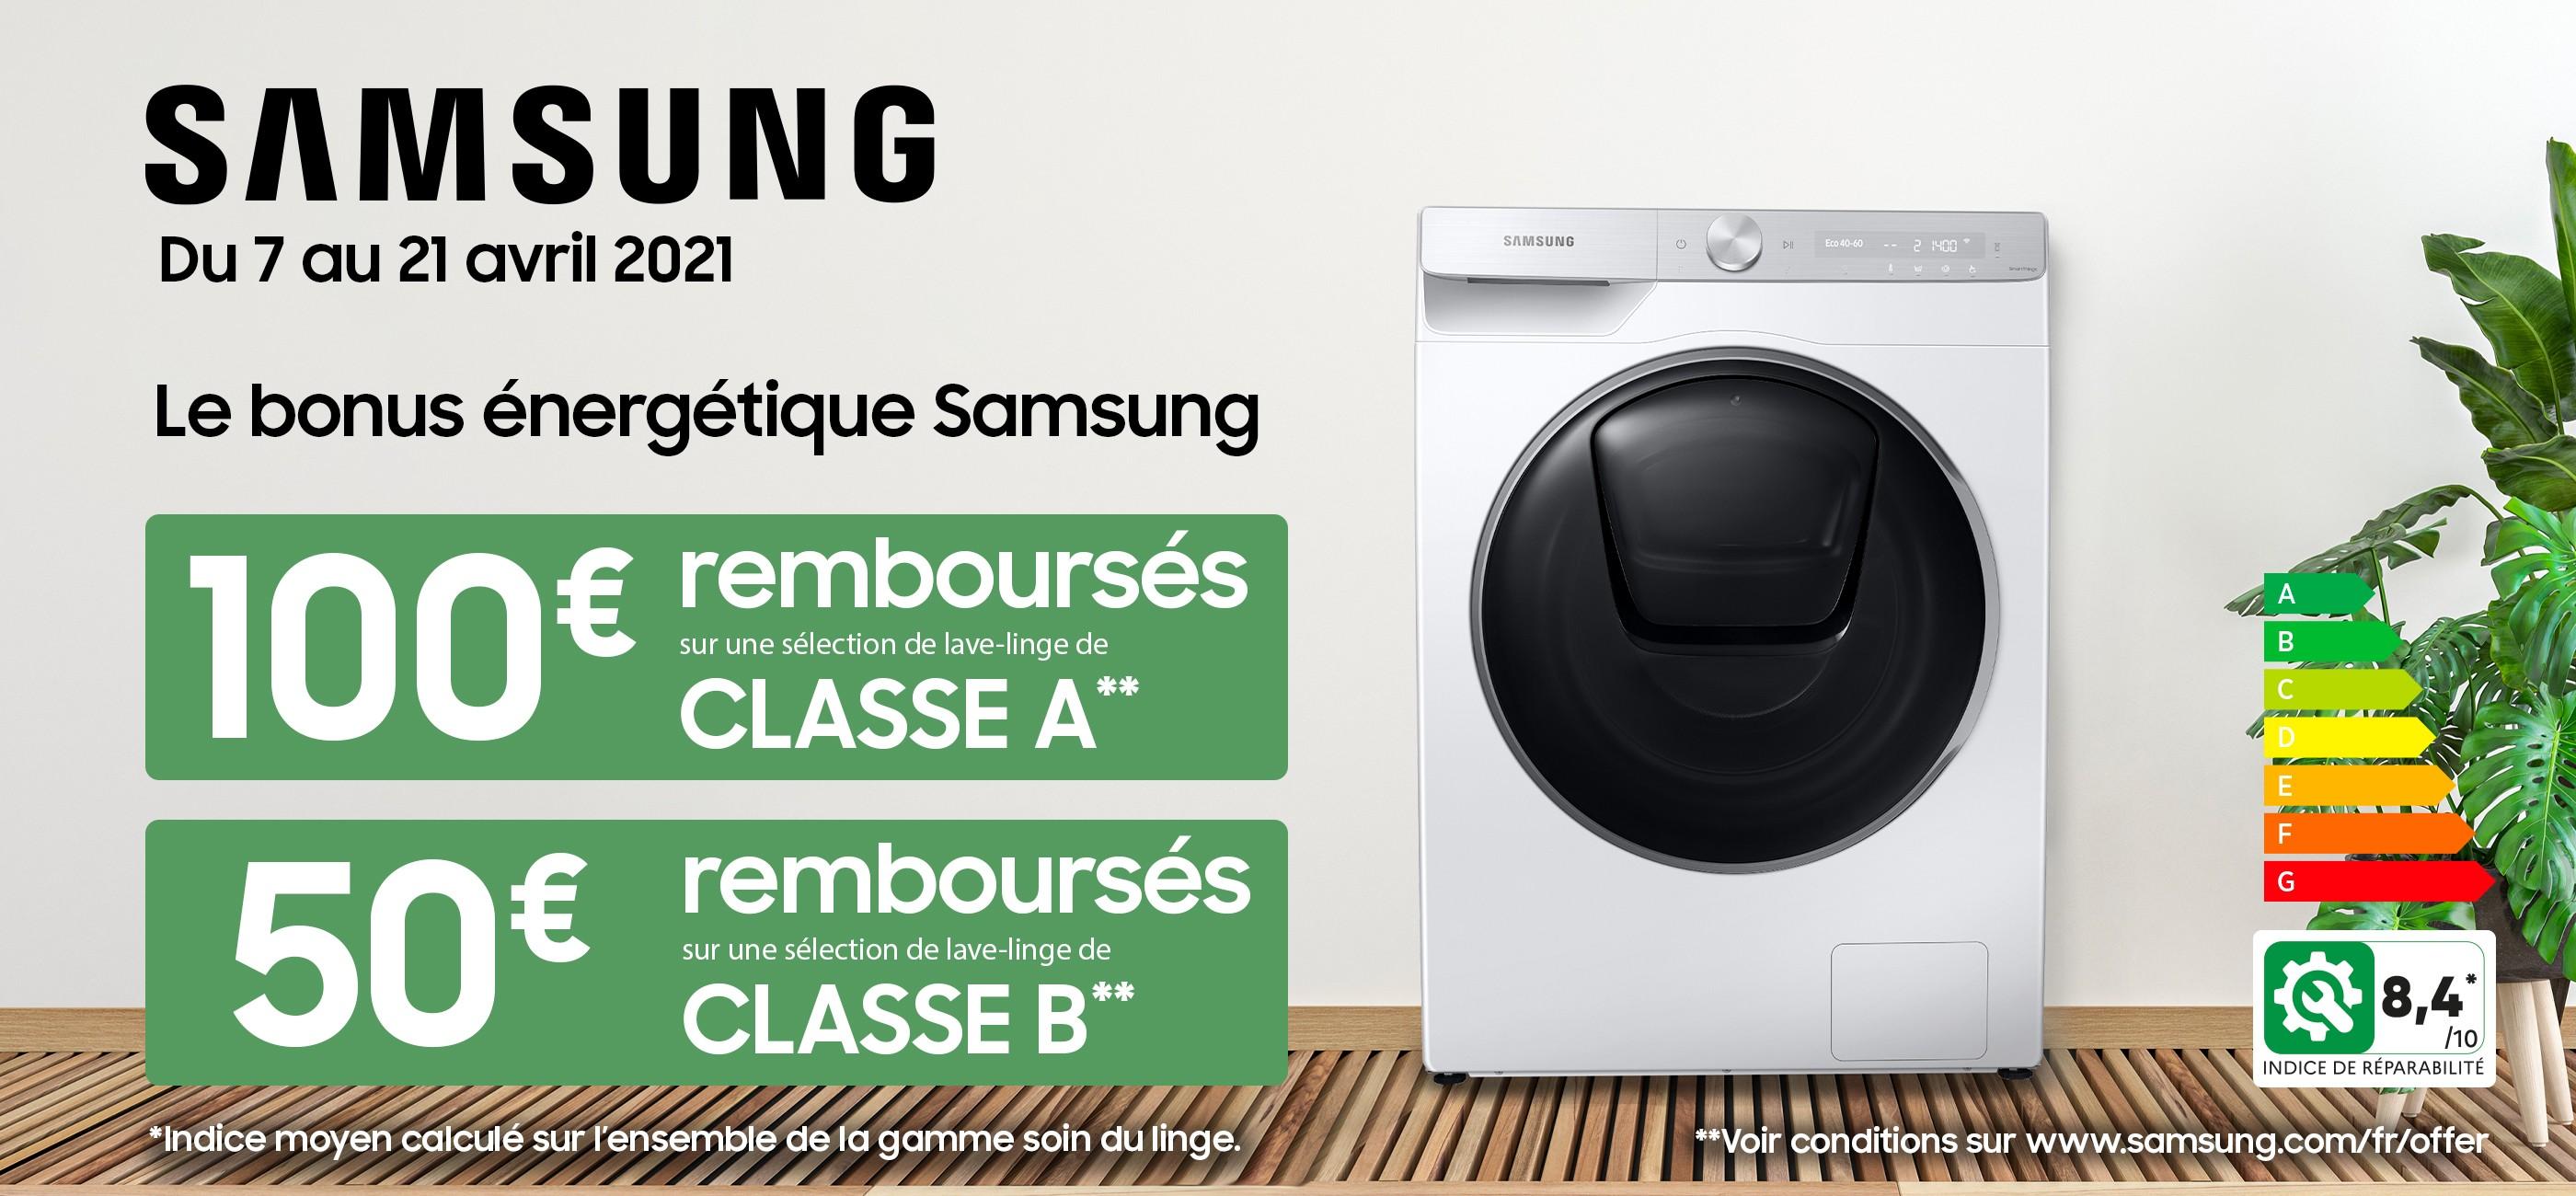 Le bonus énergétique Samsung